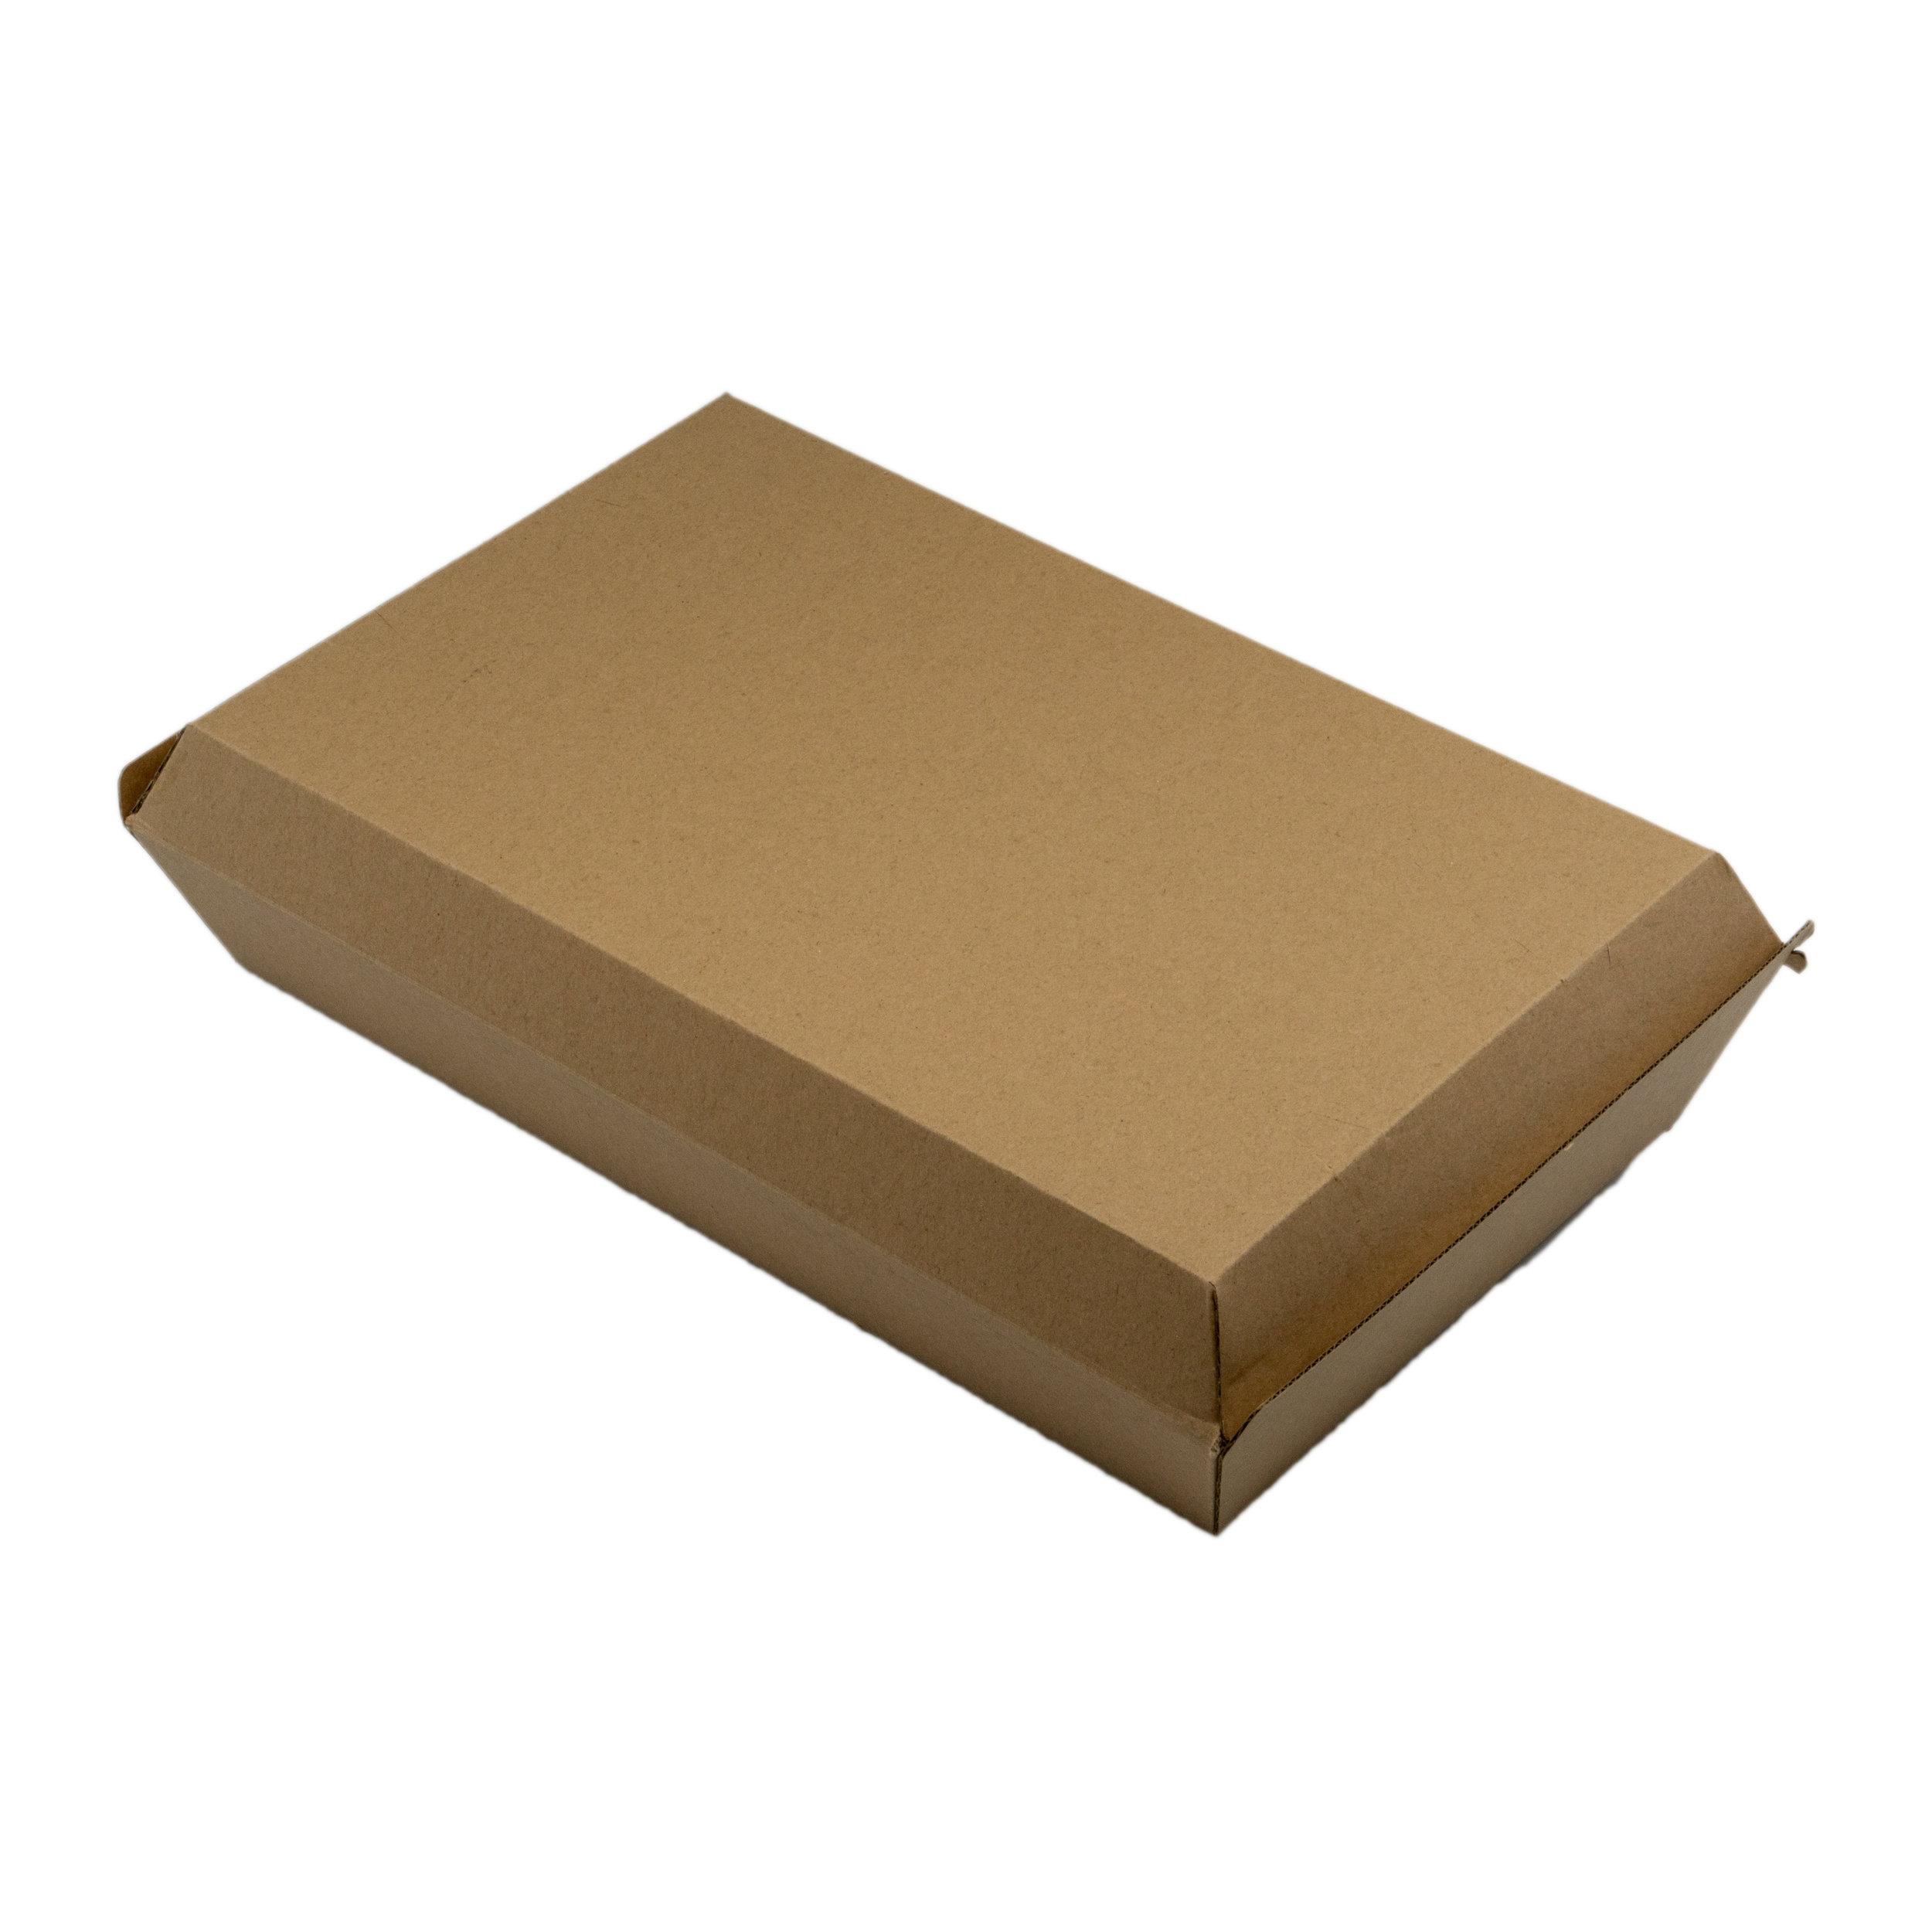 iK-EBFBX Family Box   290x170x85mm 2x50 slv 100pcs